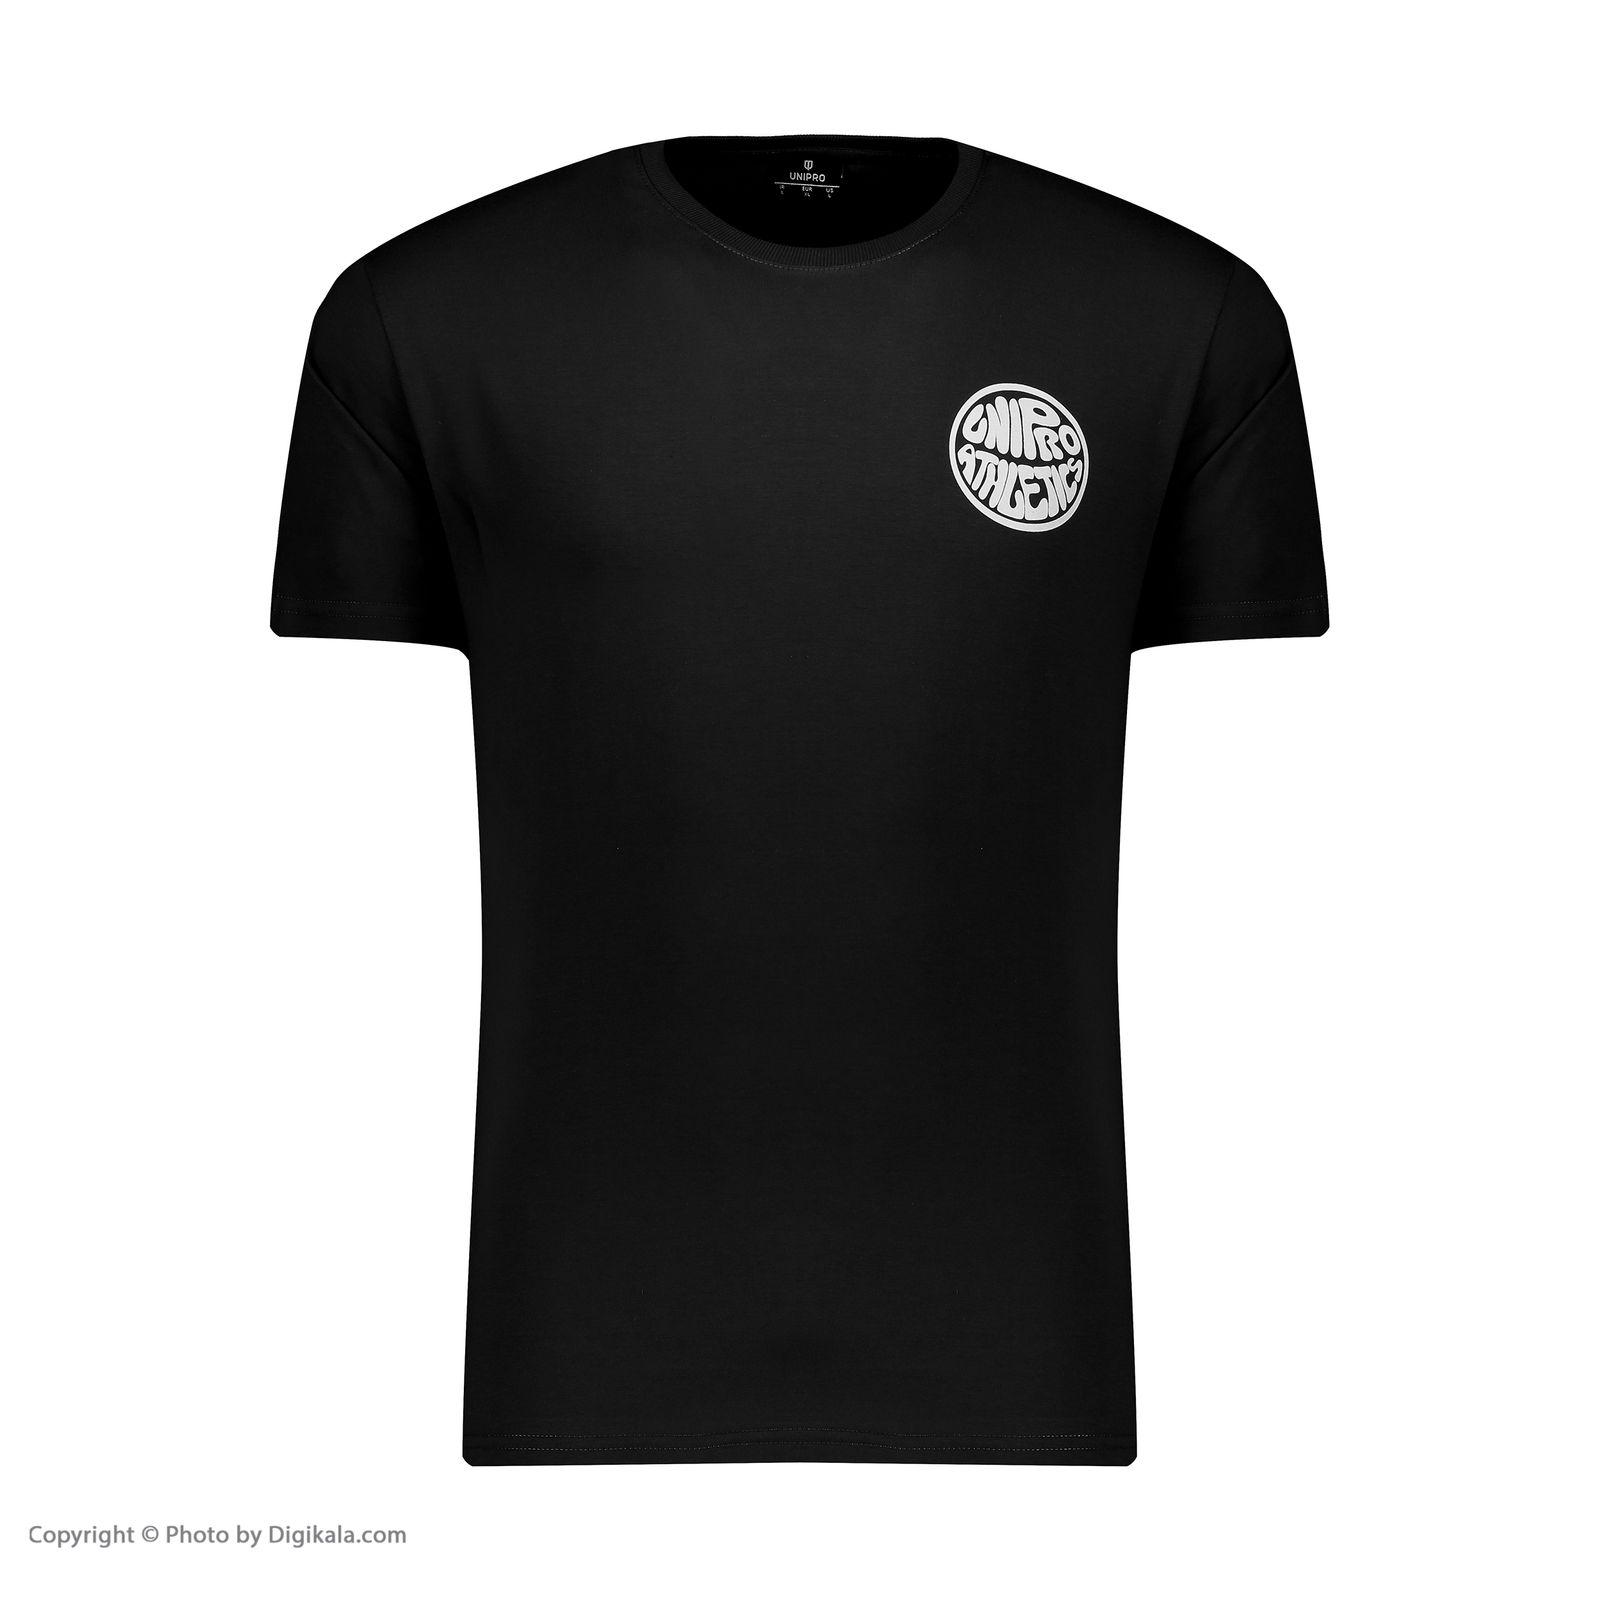 تی شرت ورزشی مردانه یونی پرو مدل 914119318-95 -  - 2